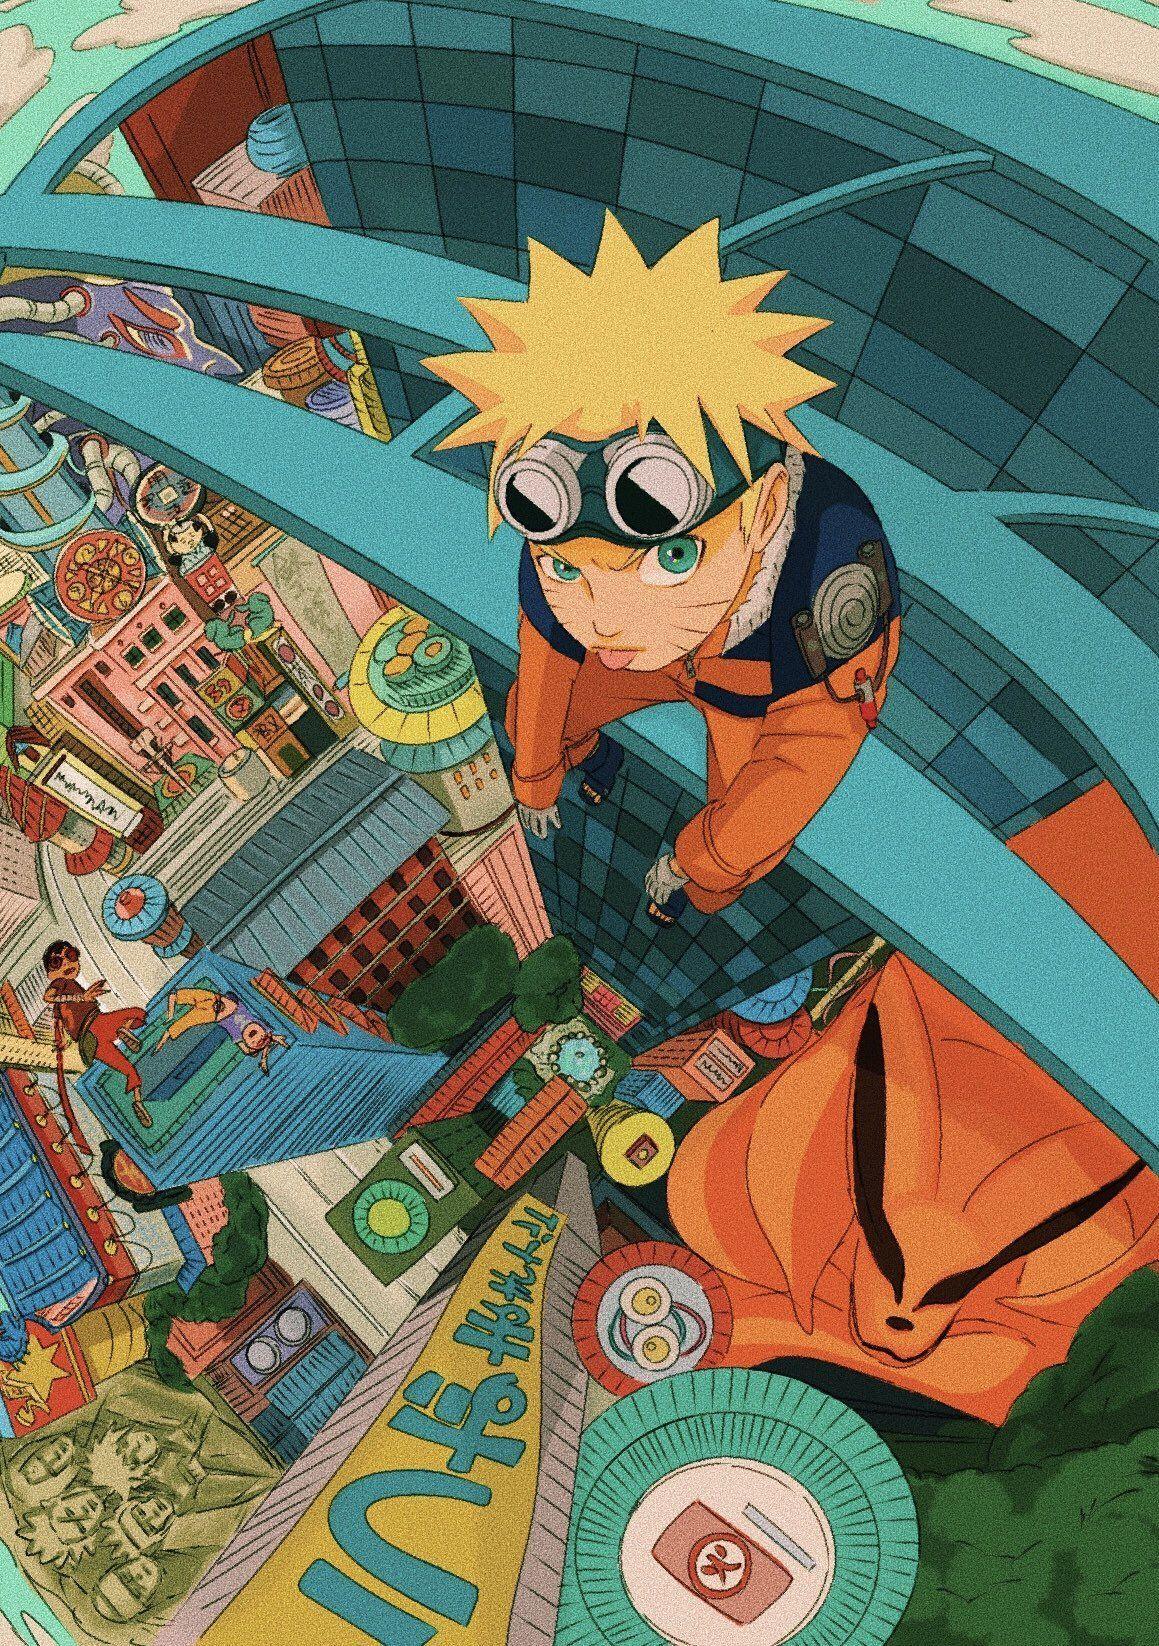 مشاهدة جميع مواسم ناروتو اون لاين مترجمة أو مدبلجة انقر على الصورة Naruto Anime Naruto Wallpaper Character Wallpaper